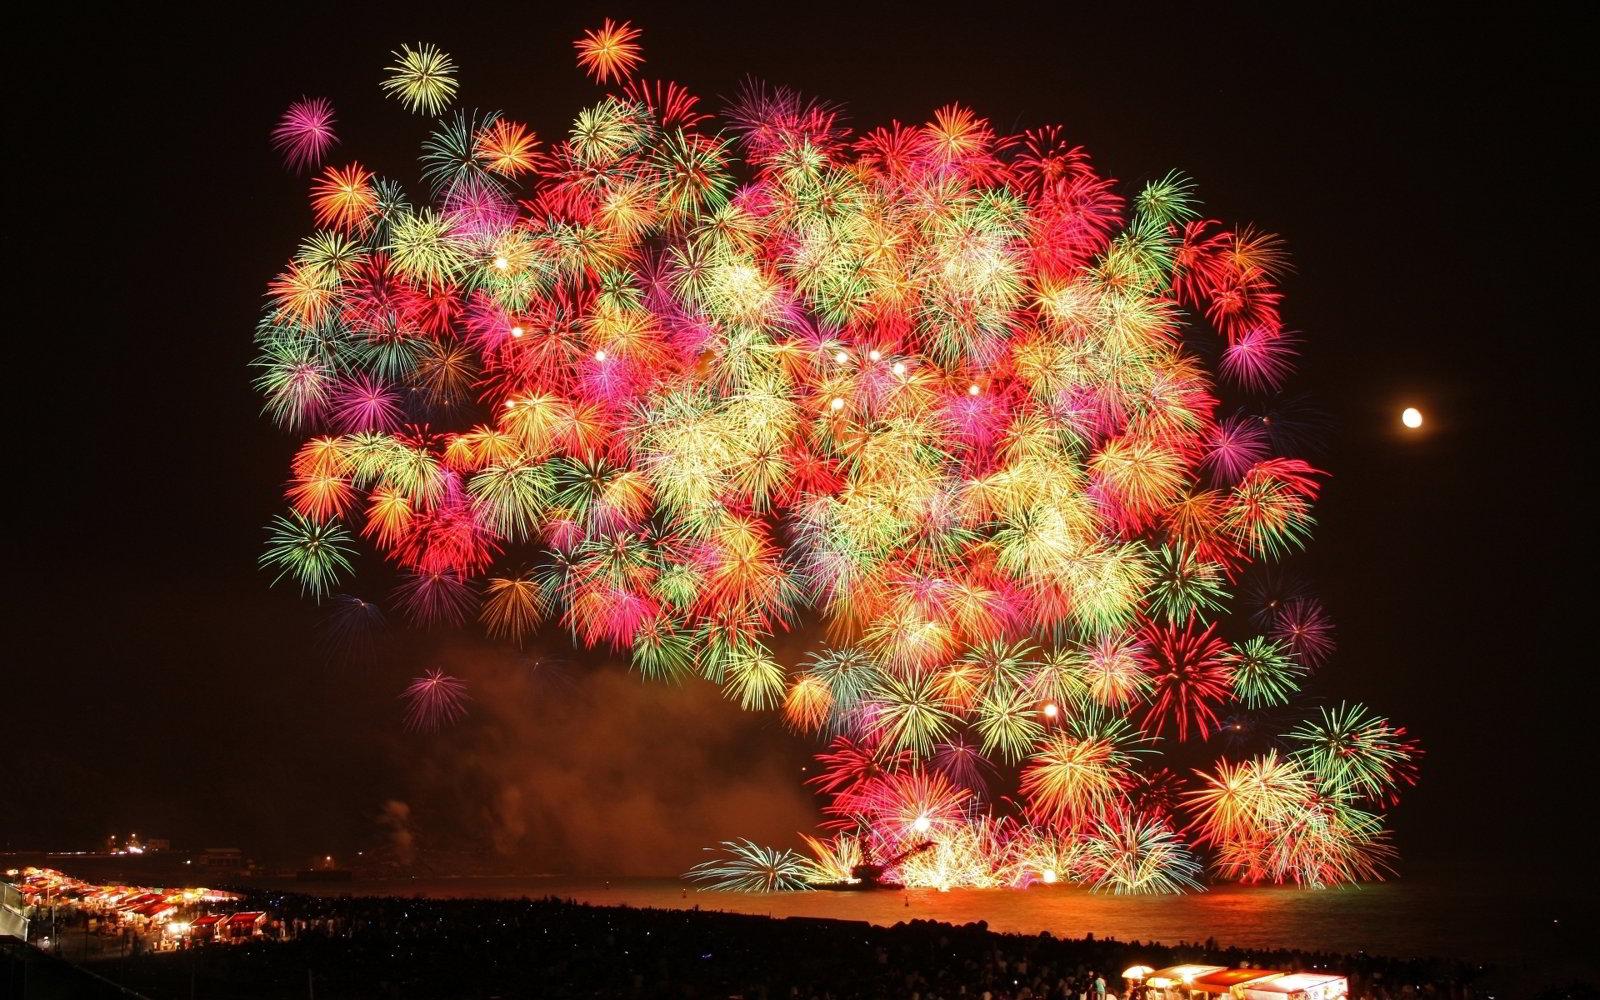 hình nền đẹp pháo hoa ngày tết